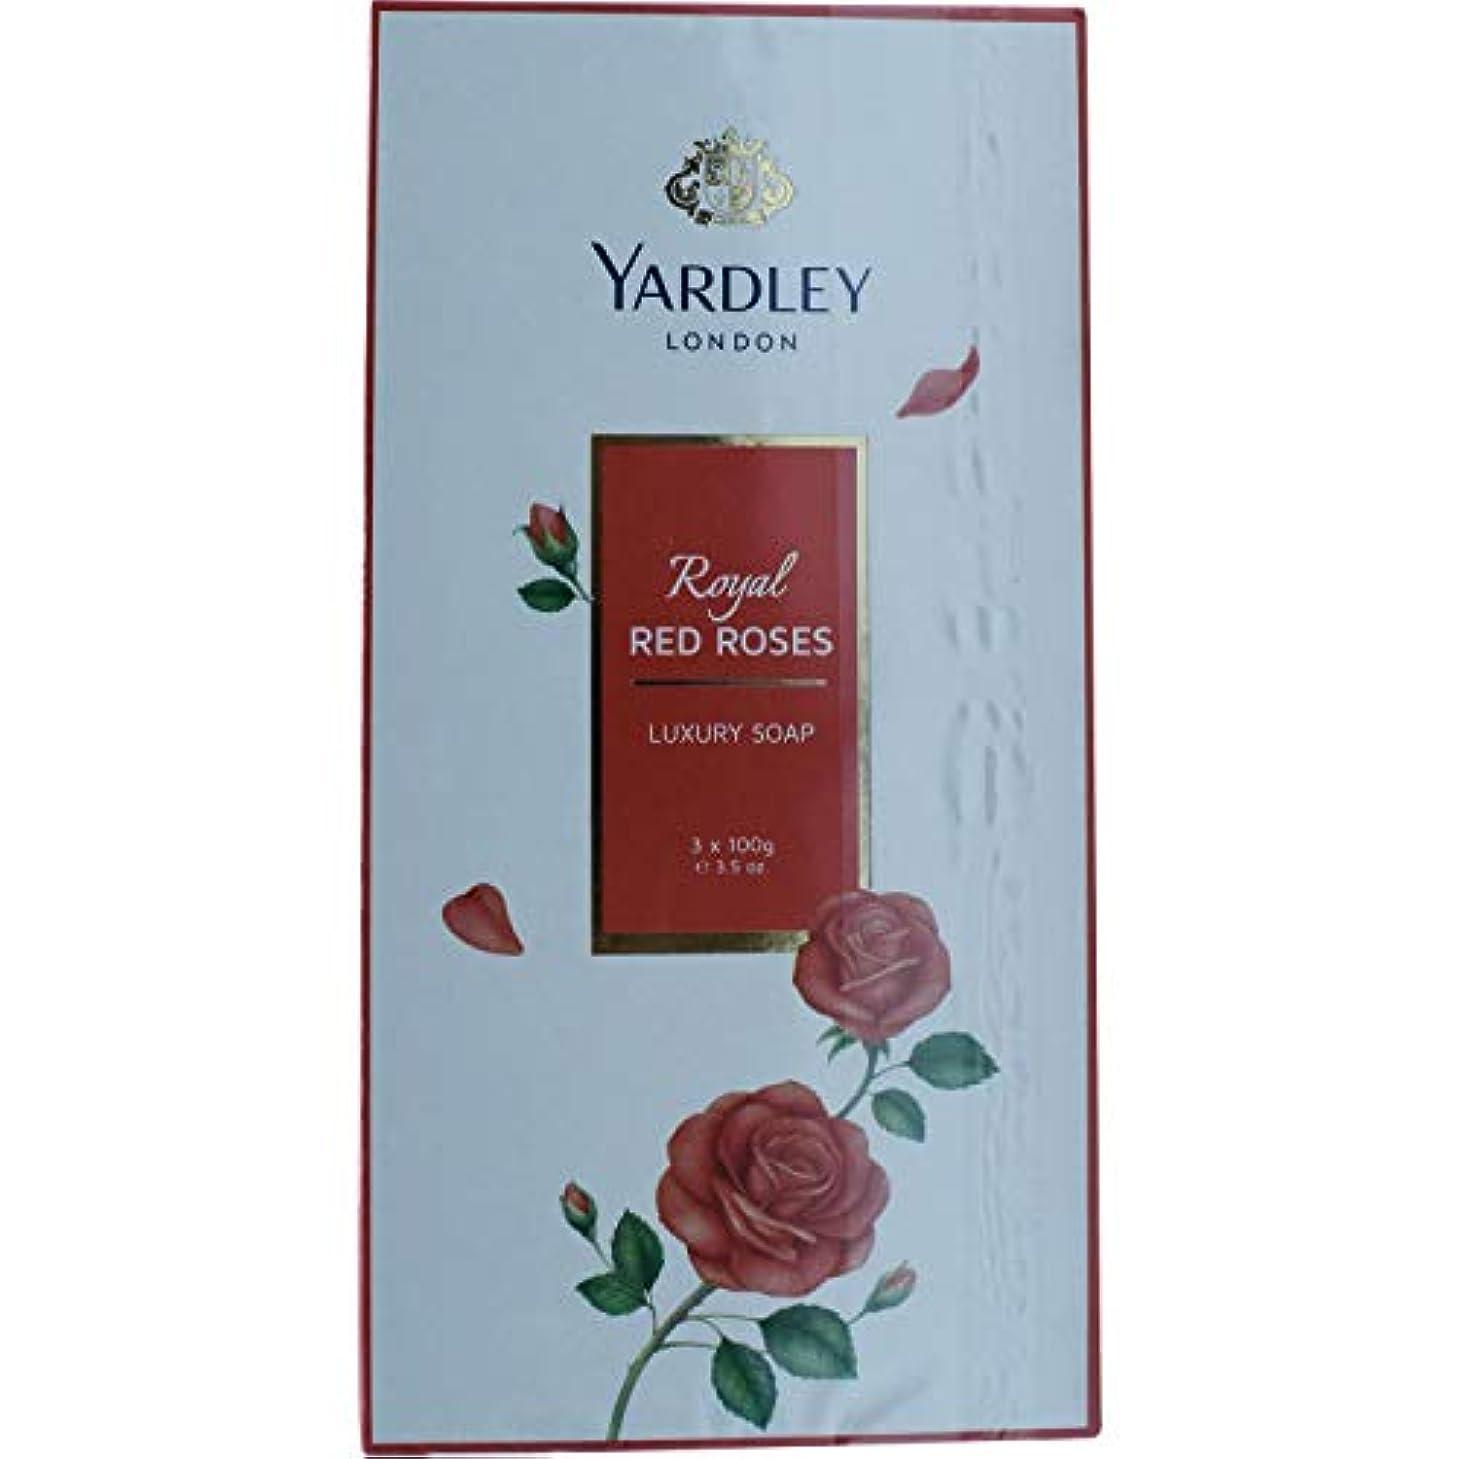 固執ピジン絶滅Yardley 1ロンドン赤バラ、3 x net wt。100 g e 3.5oz